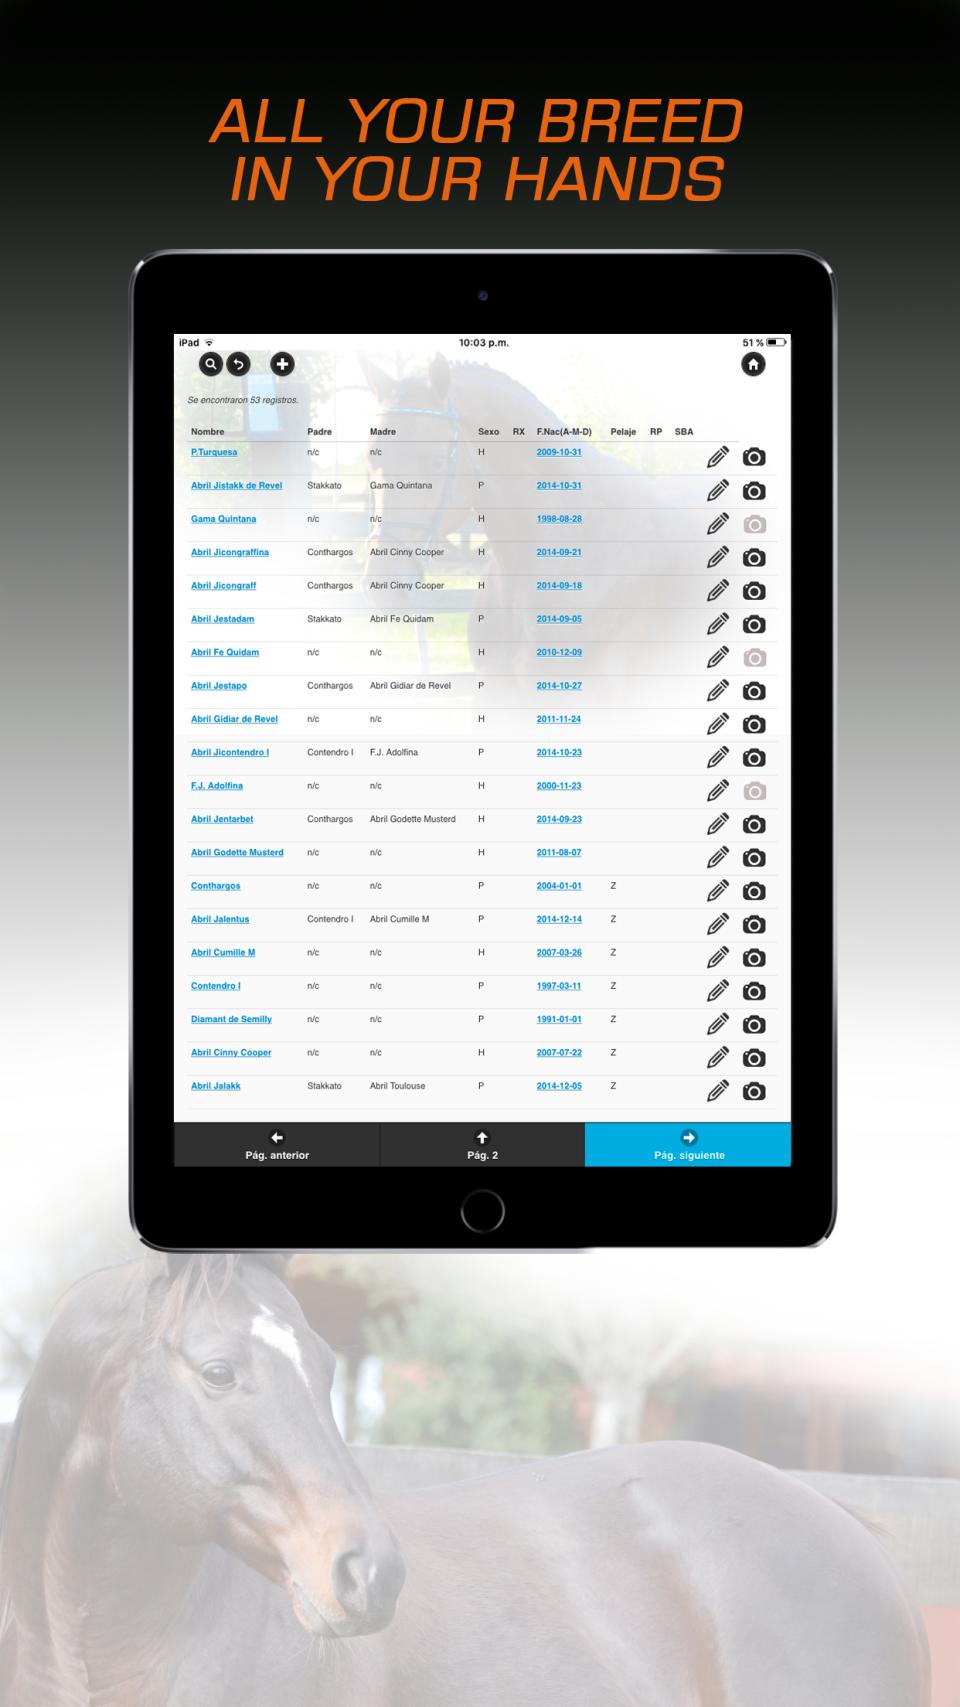 Breeders App Software - 2